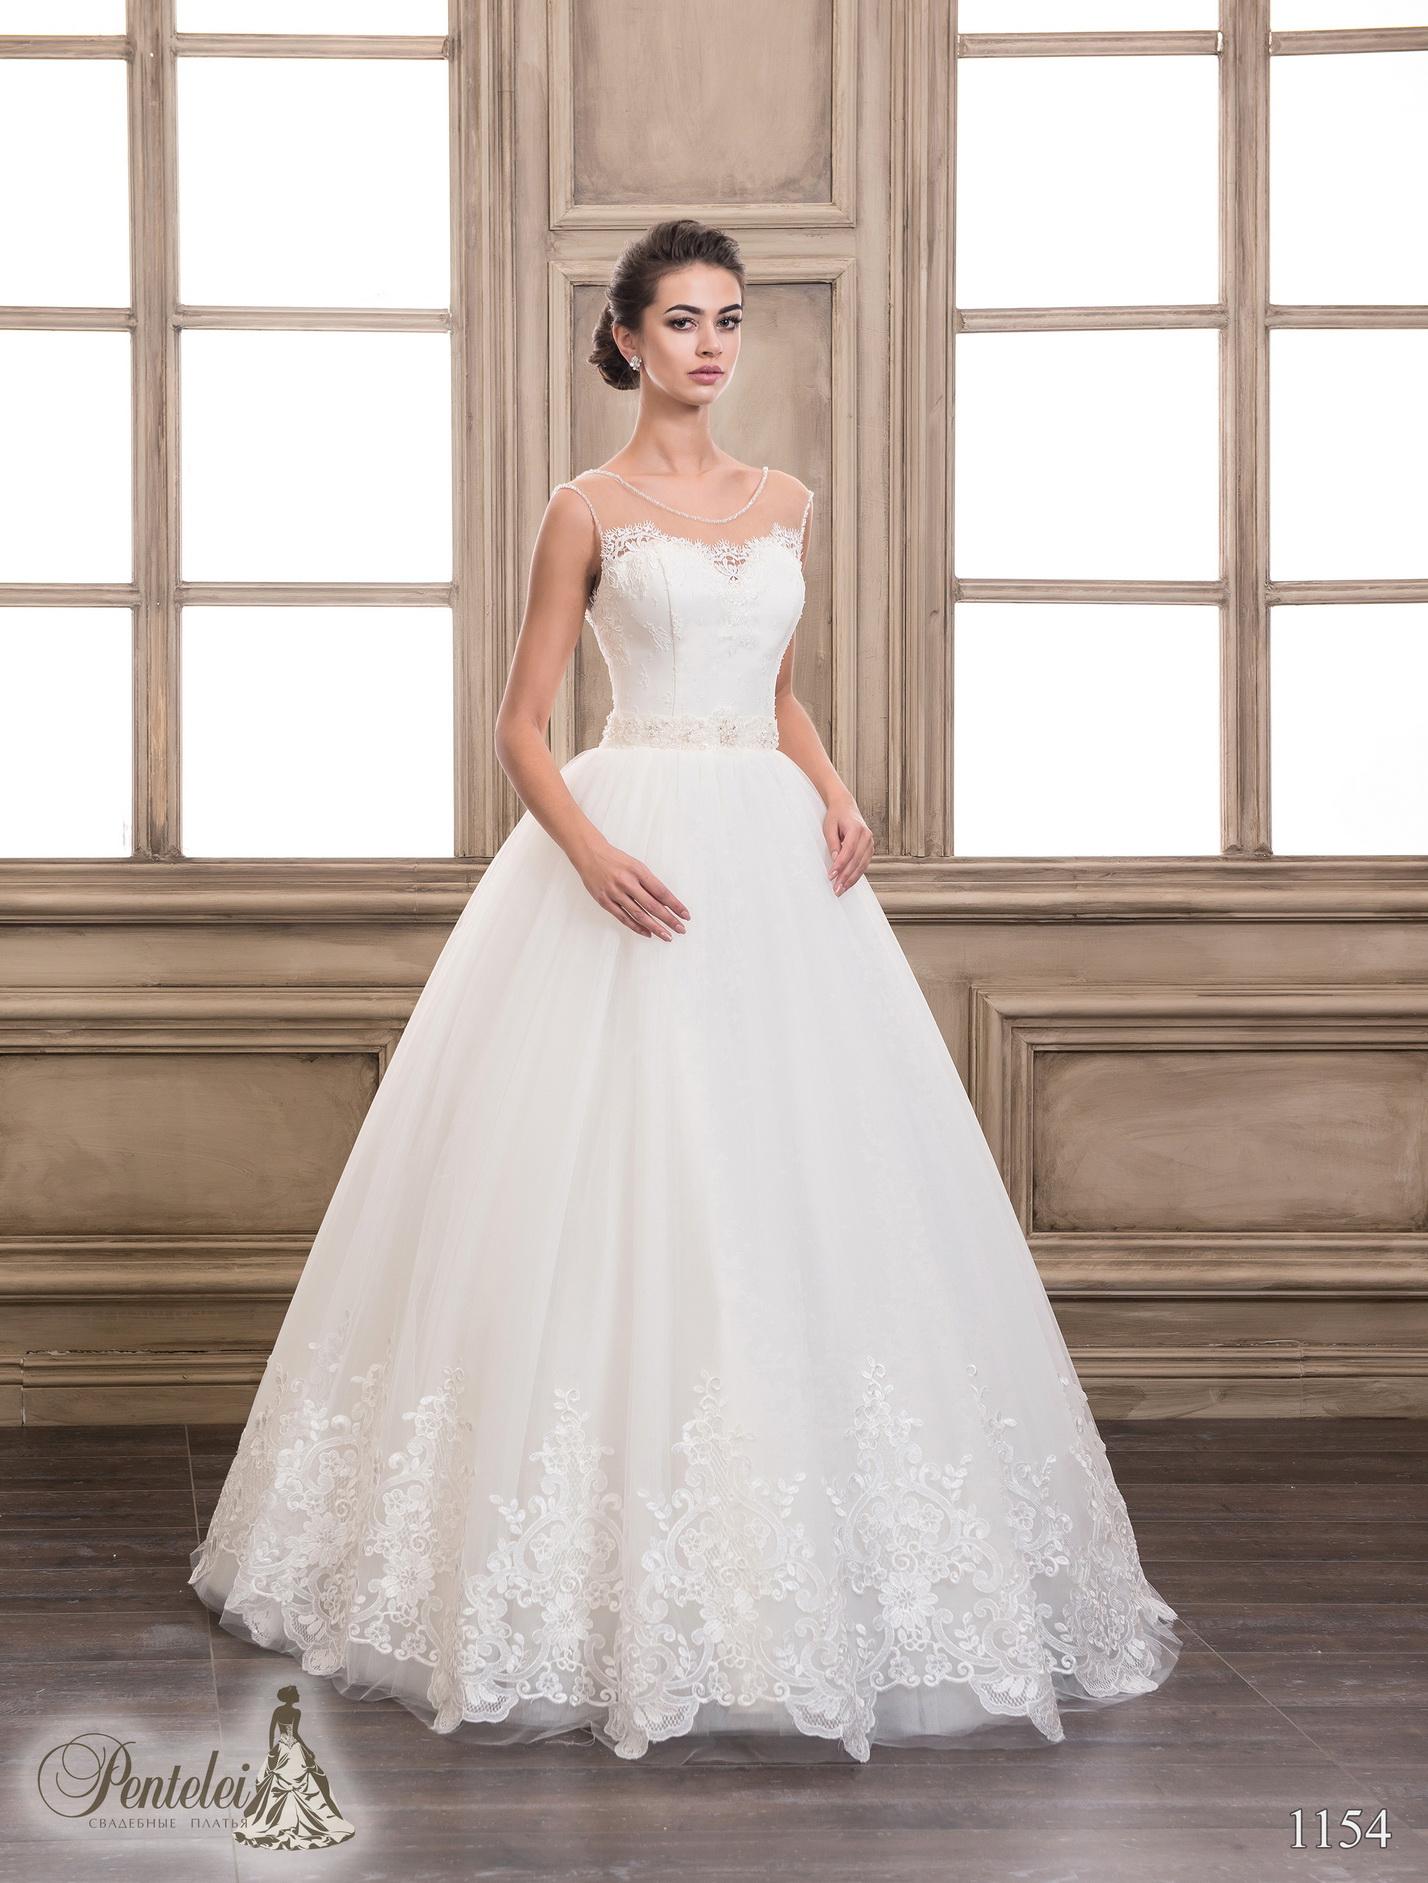 1154   Купить свадебные платья оптом от Pentelei